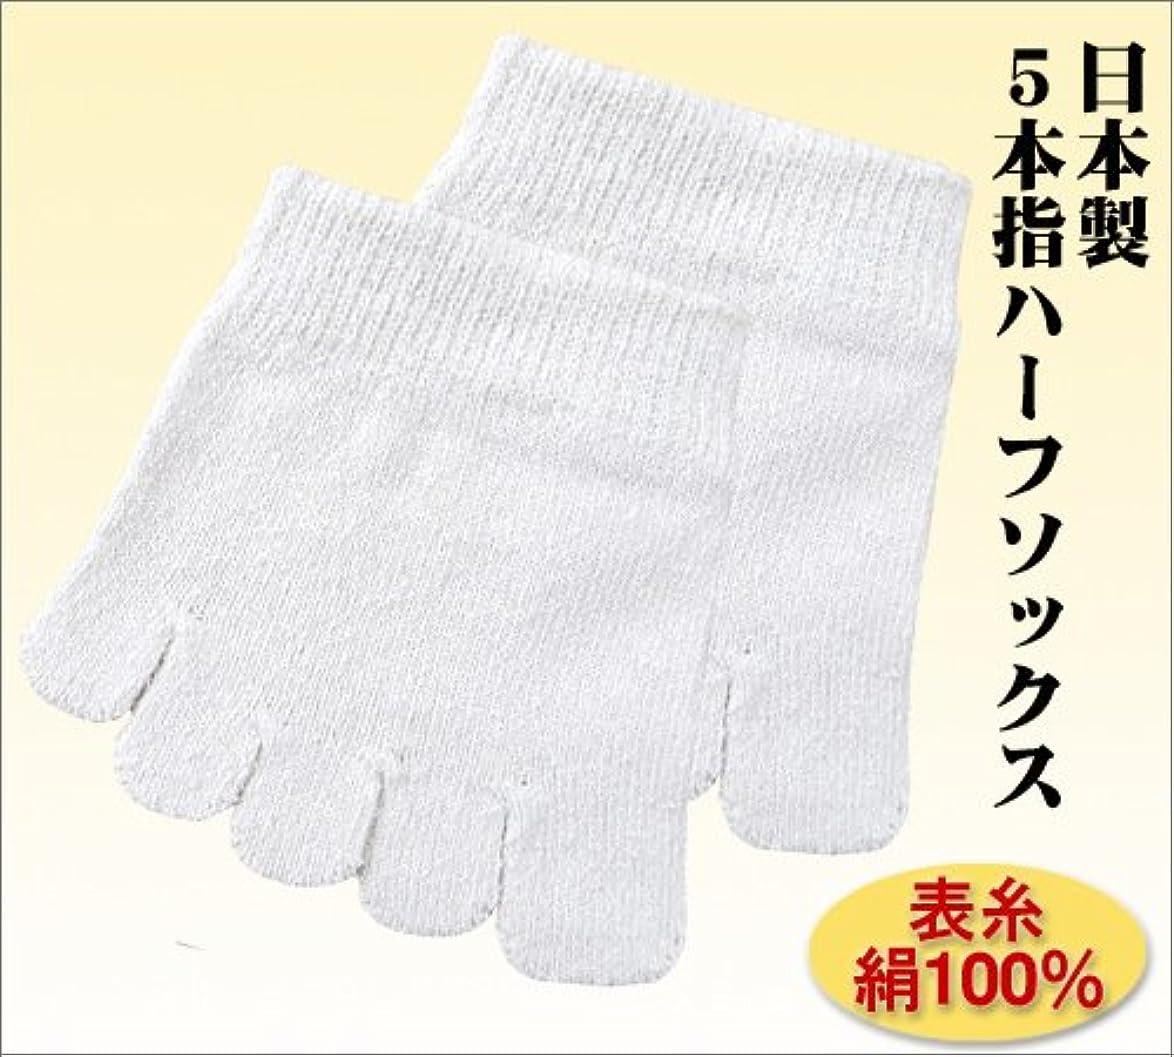 南極割り当てます記述する日本製 天然シルク5本指ハーフソックス 表糸絹100% 快適な指先ソックス 2足組 (婦人(オフ白2足組))